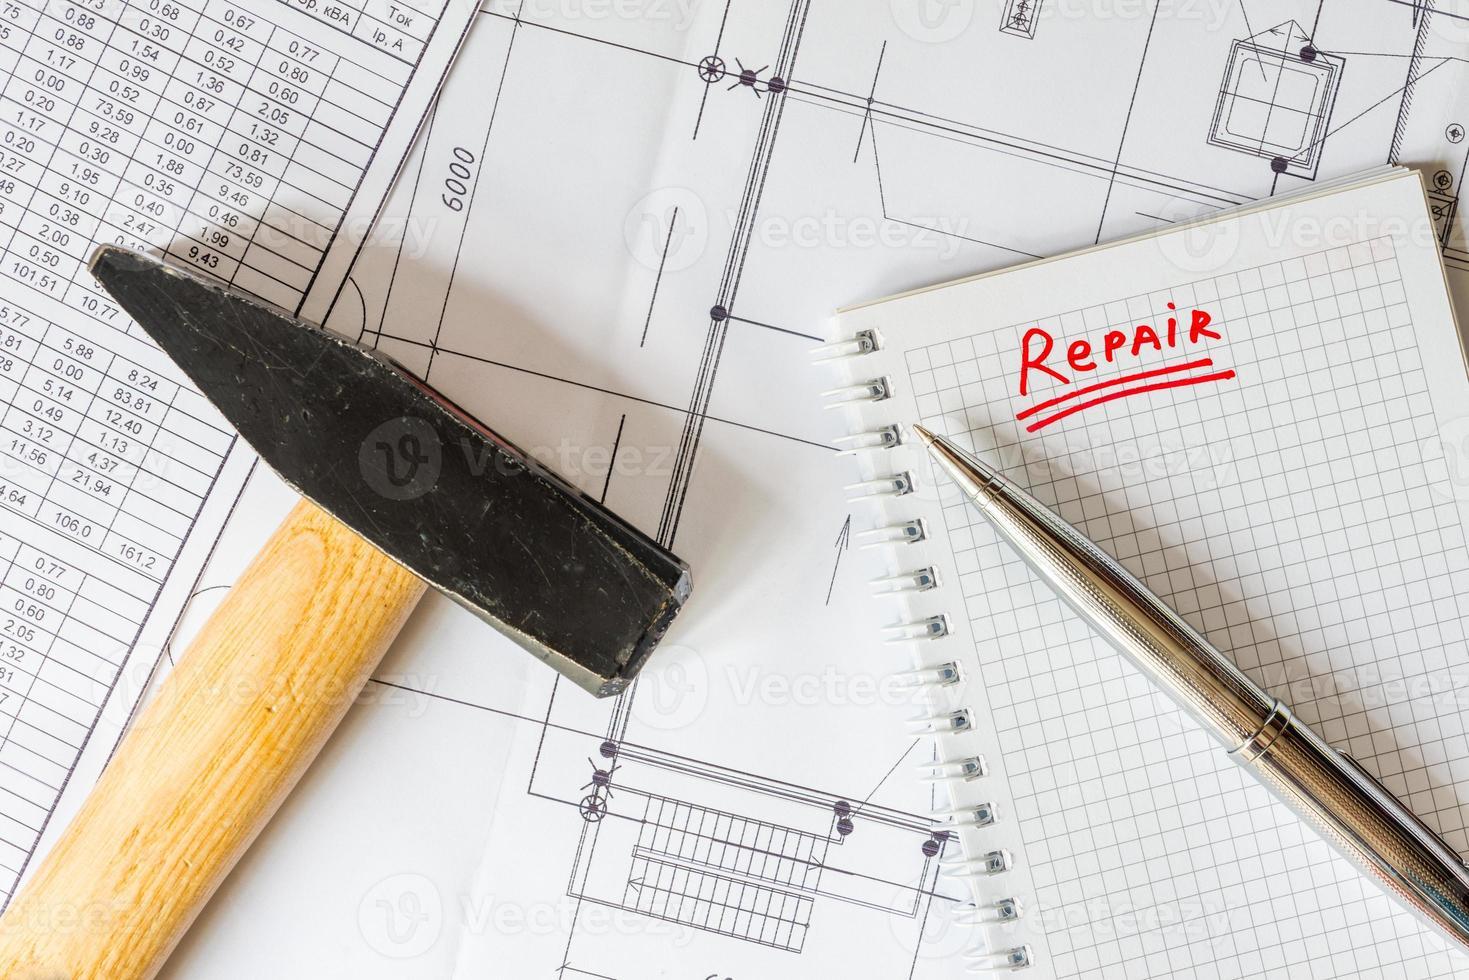 planification de la rénovation domiciliaire, un marteau sur la table photo